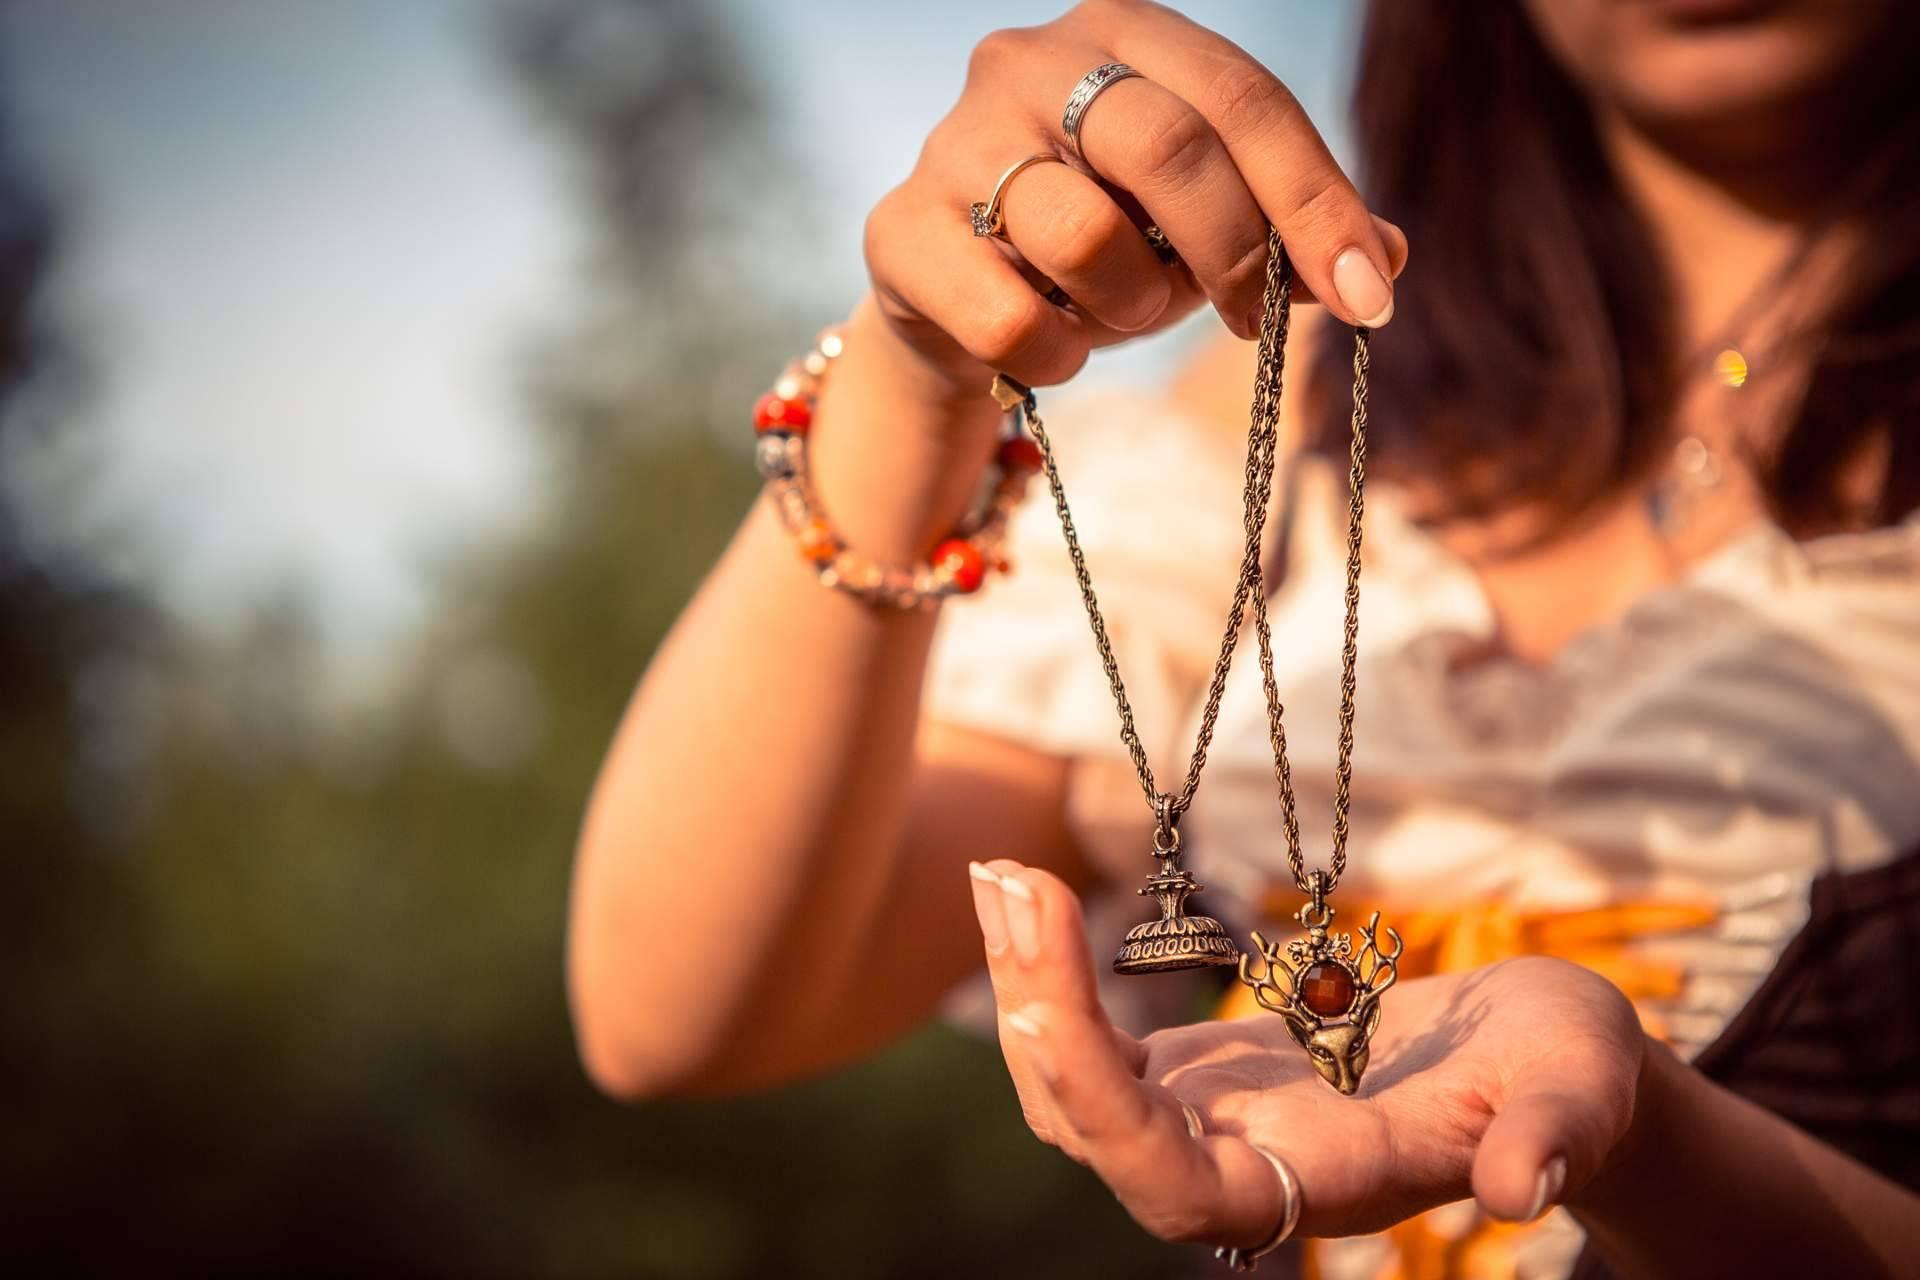 Experta en la adivinación con talismanes y amuletos, Alicia Caballero es una vidente recomendada